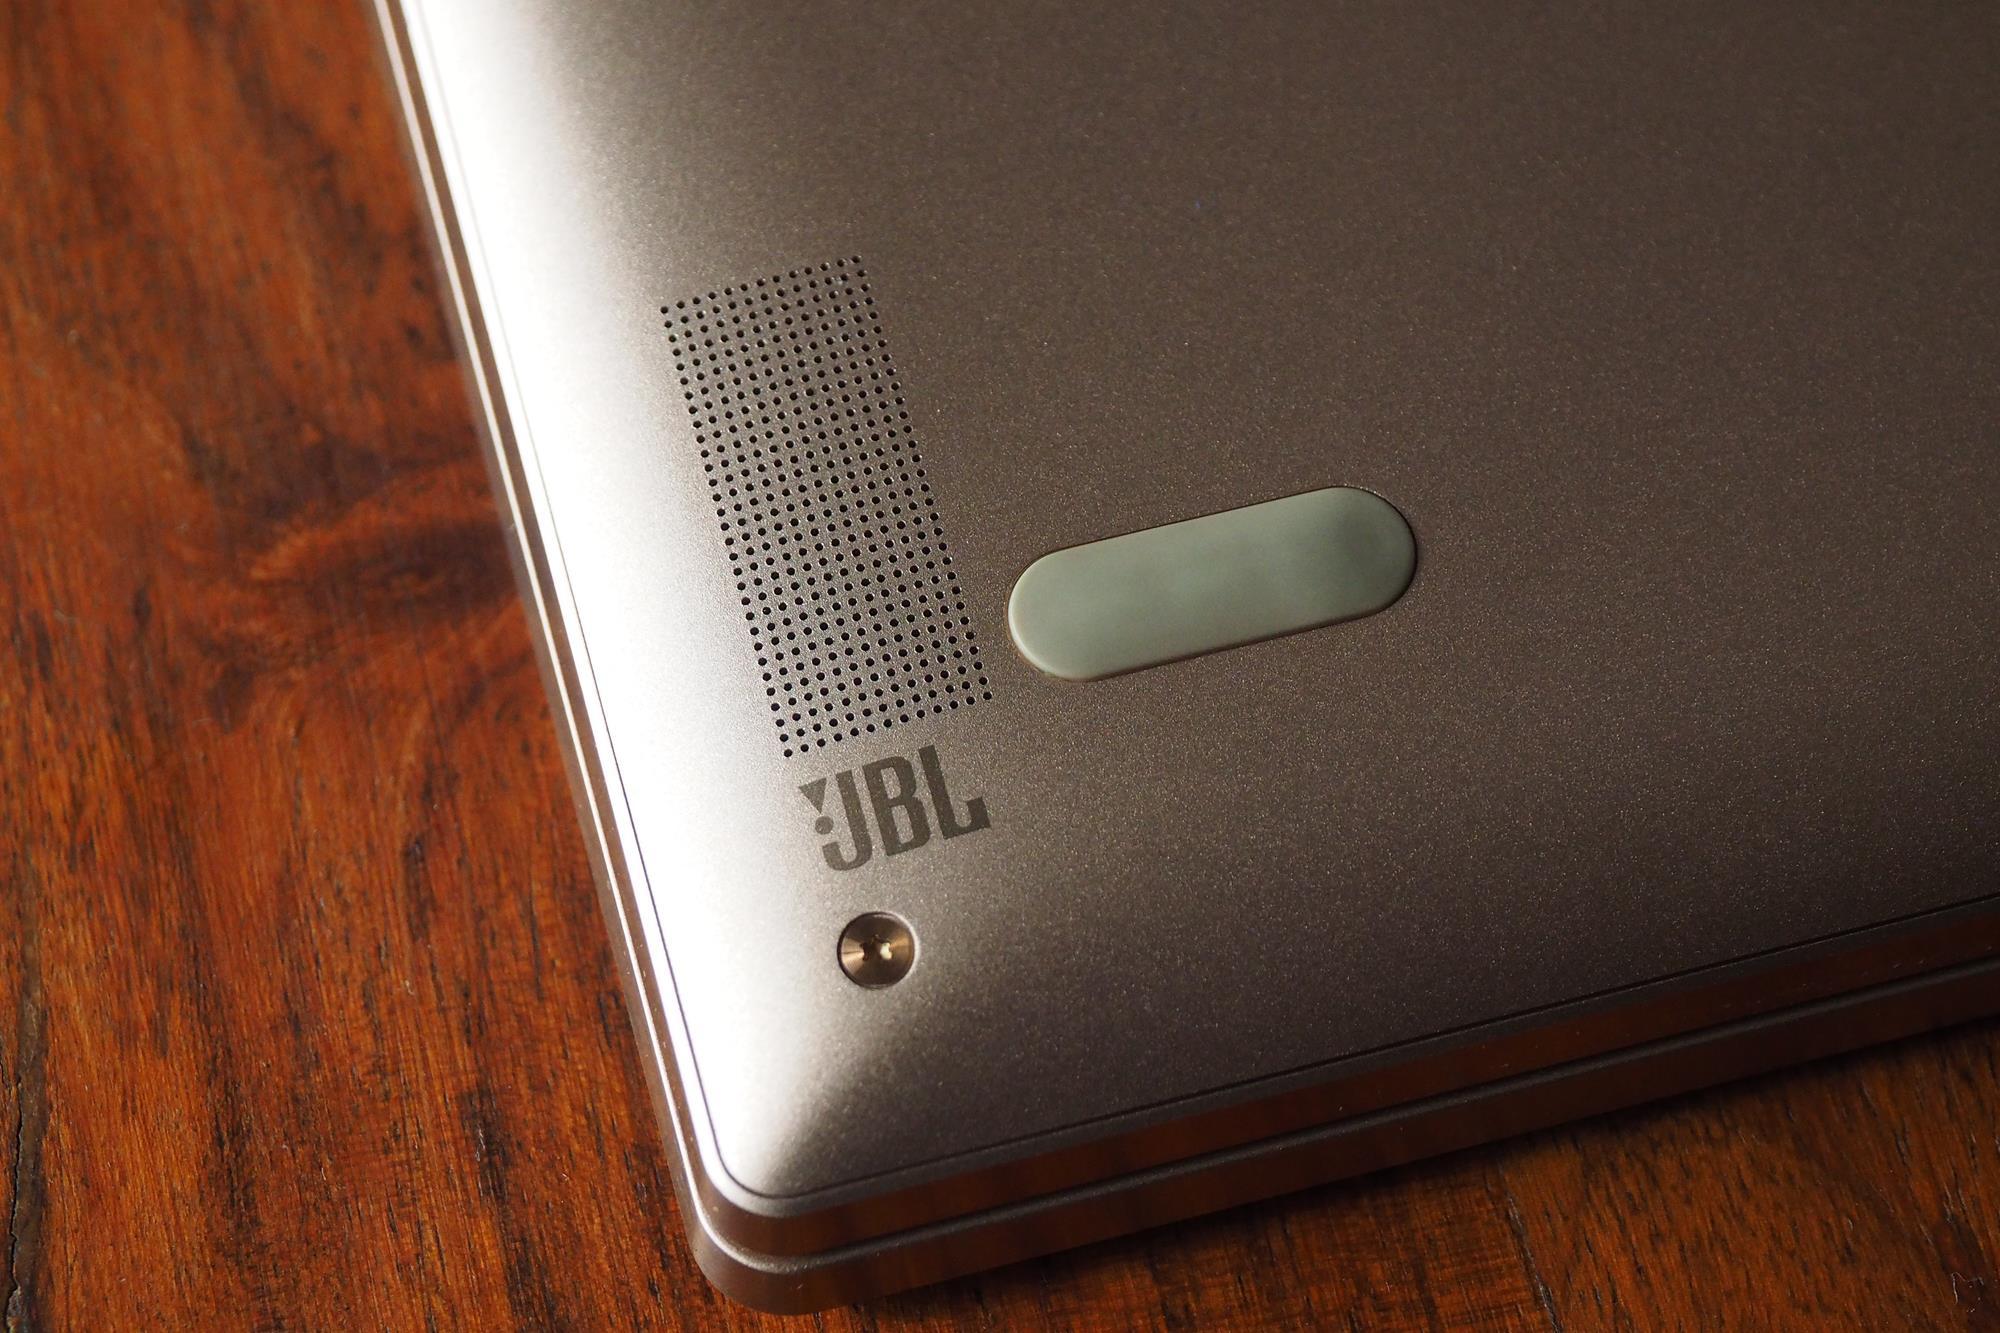 Lenovo Yoga 920 Review | Trusted Reviews